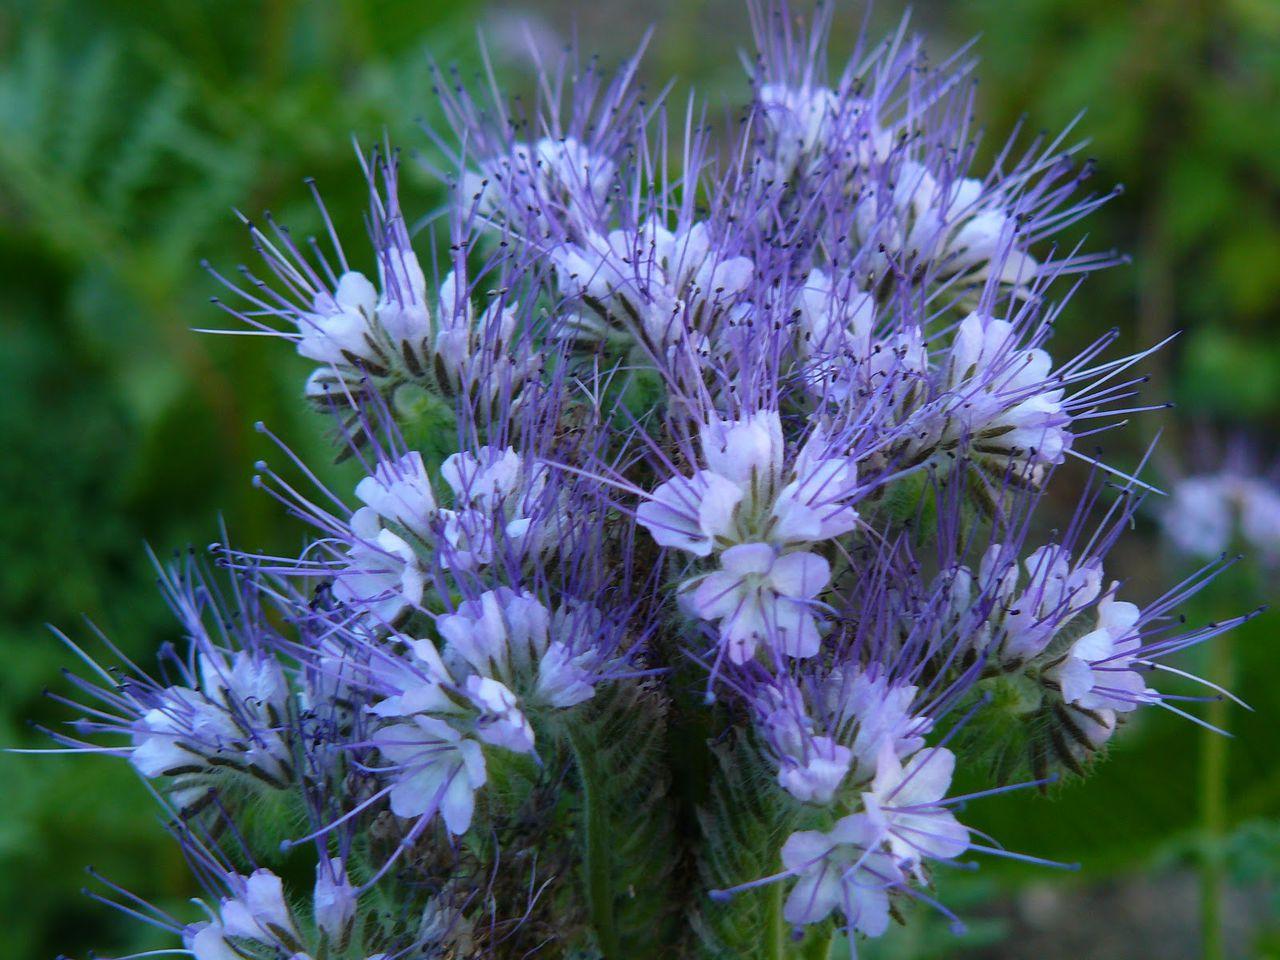 Цветок фацелия: разновидности, фото, полезные качества и выращивание